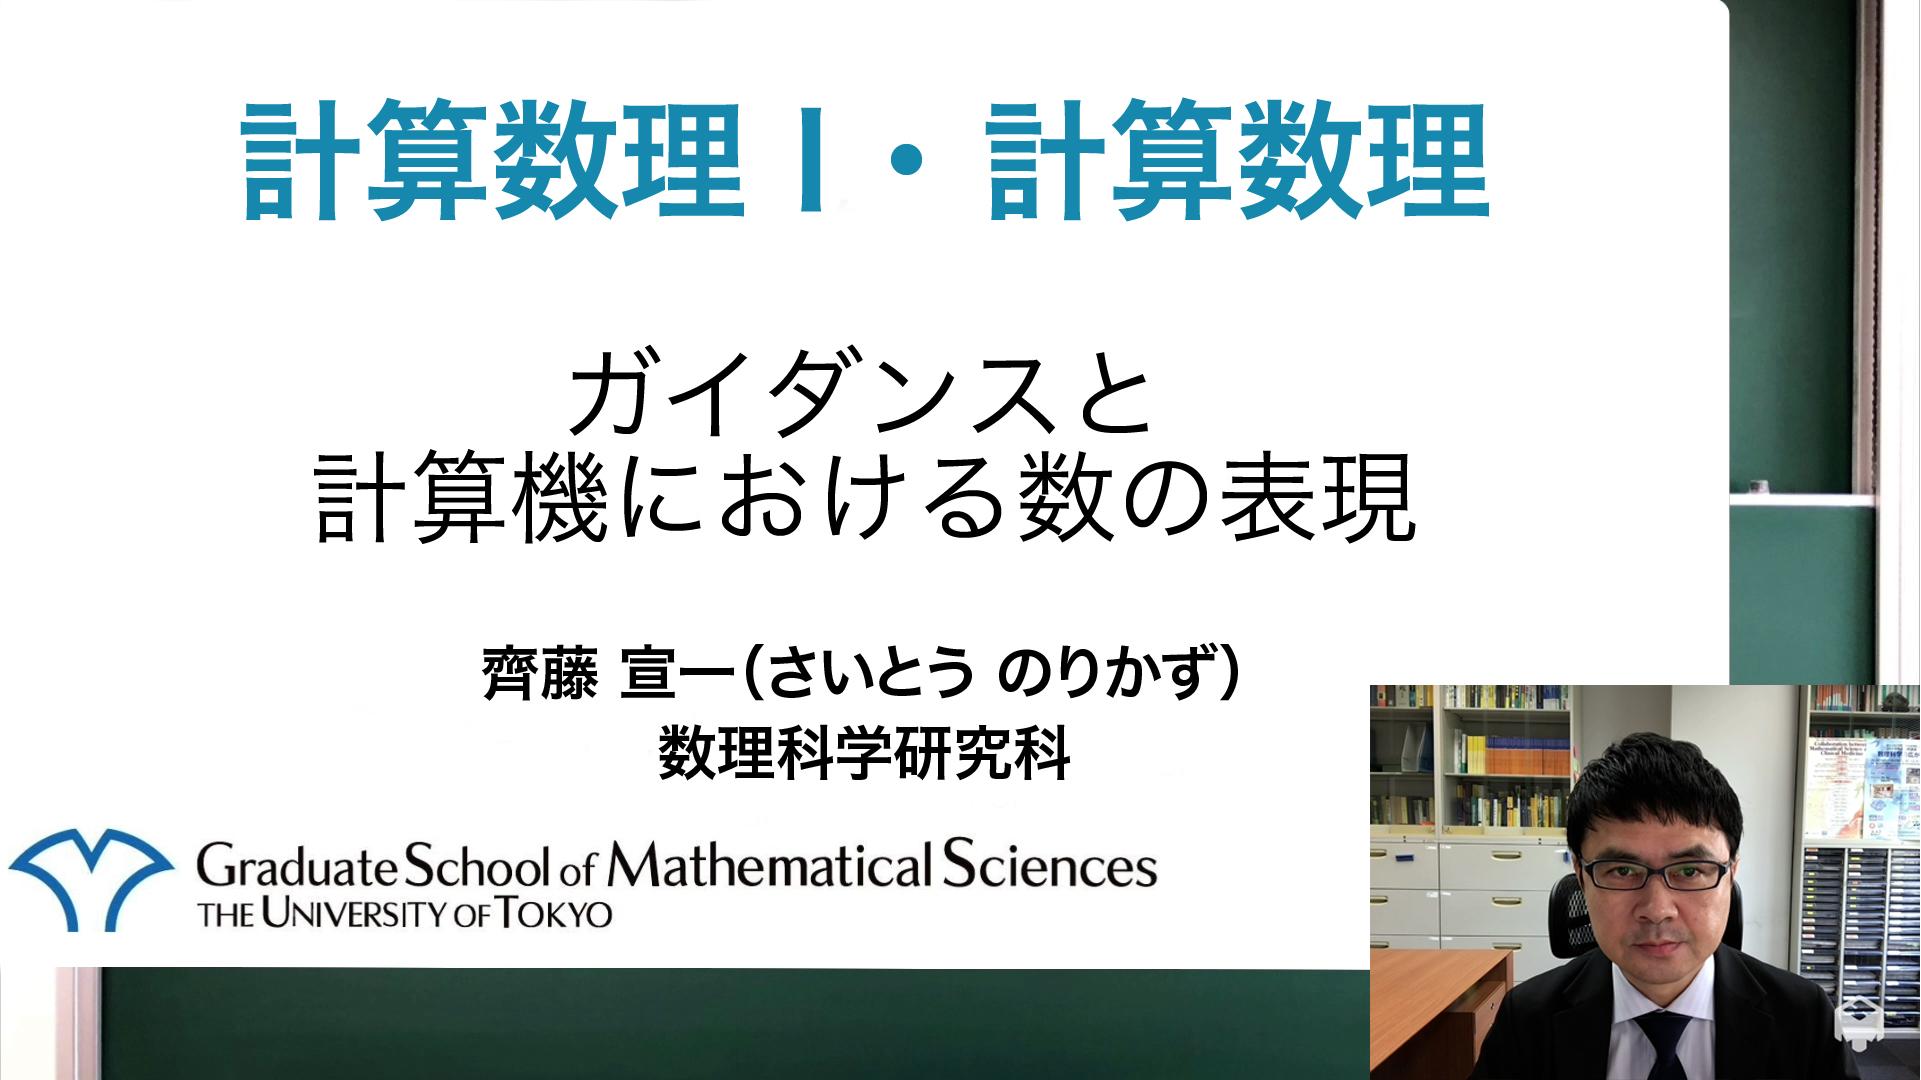 ガイダンスと計算機における数の表現